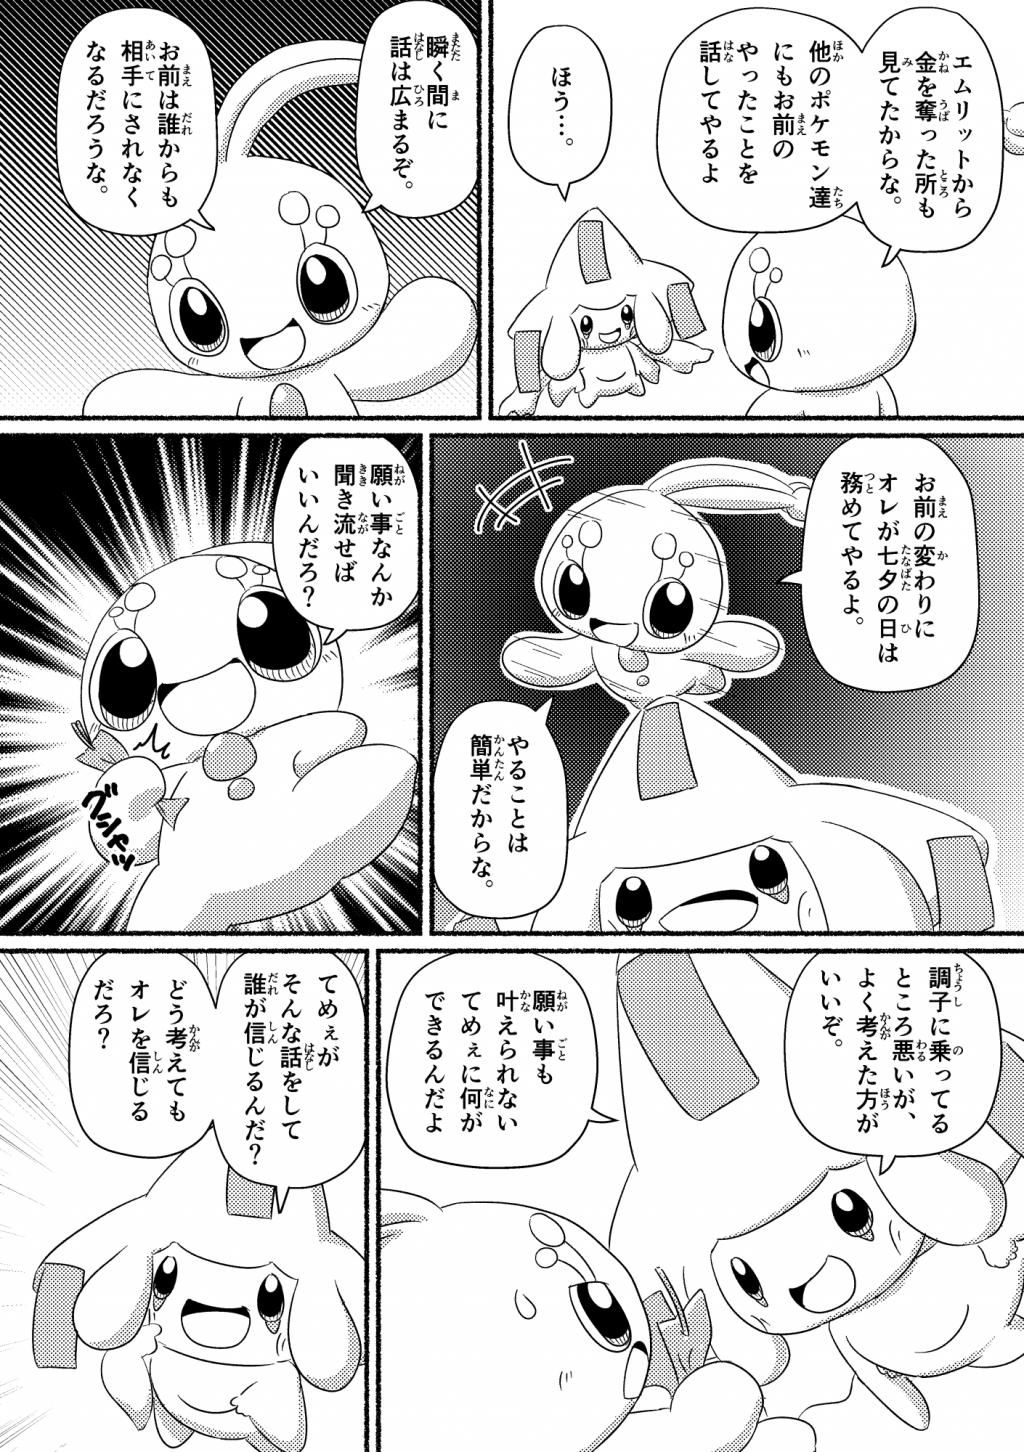 ジラーチの最高の七夕 (8ページめ)